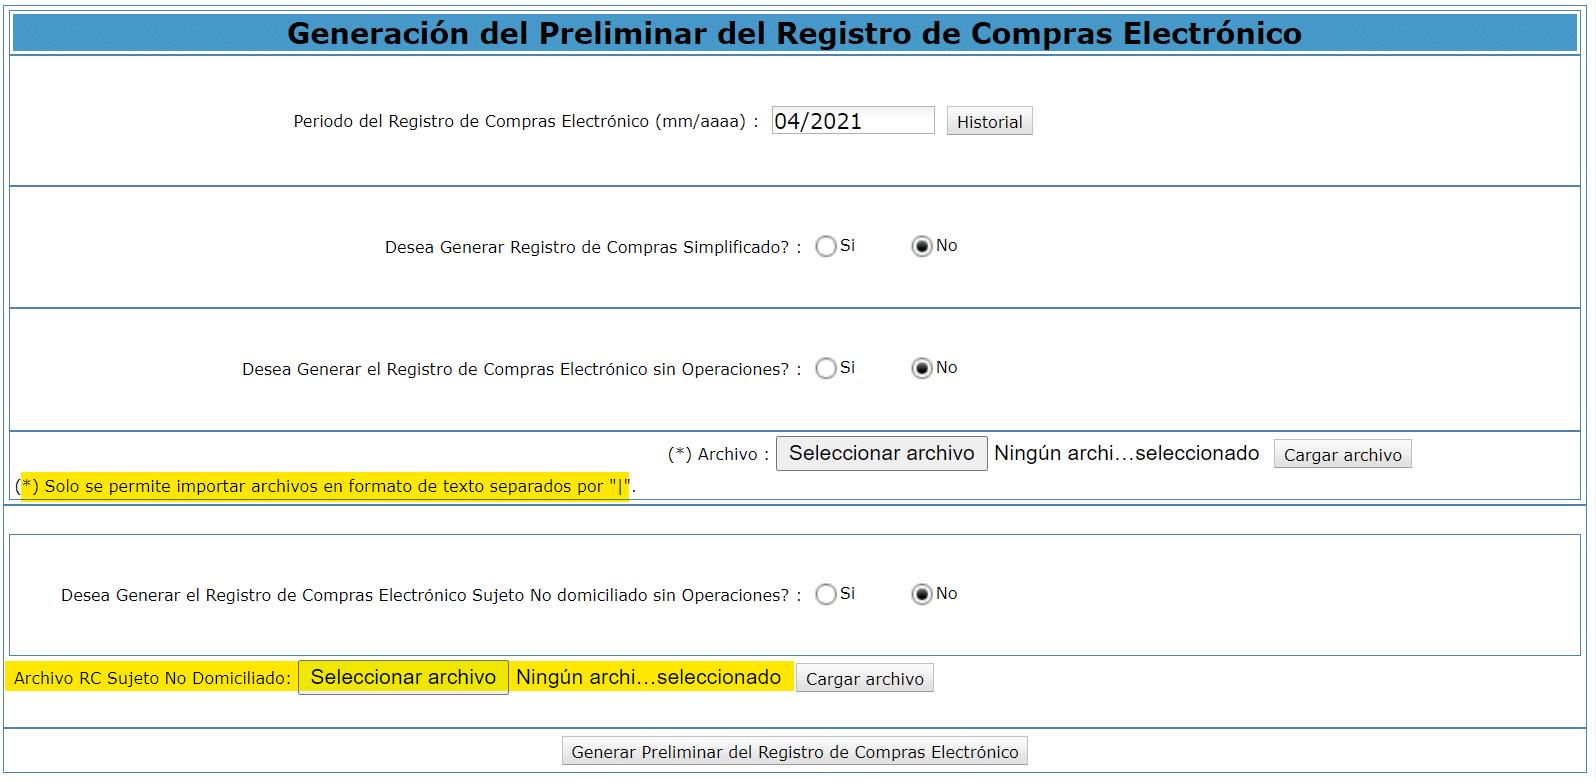 Registro de compras electronico SLE PORTAL